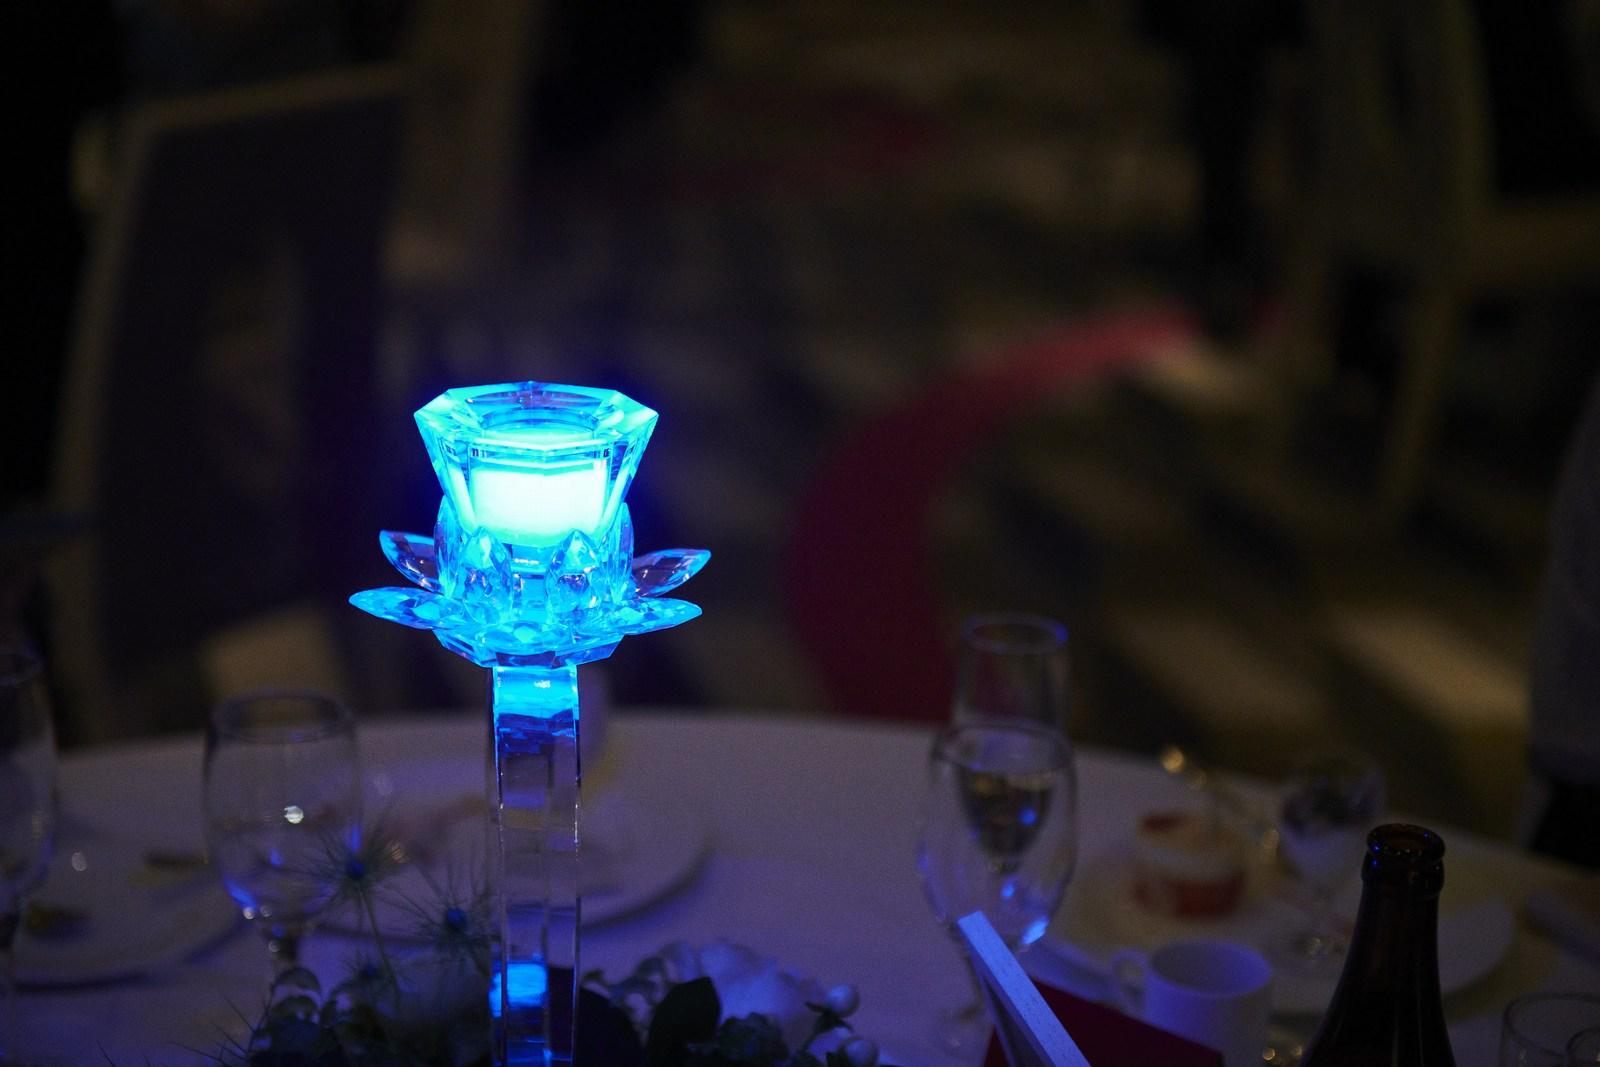 徳島市の結婚式場ブランアンジュで新郎新婦様から感謝の気持ちが込められたゲスト卓演出